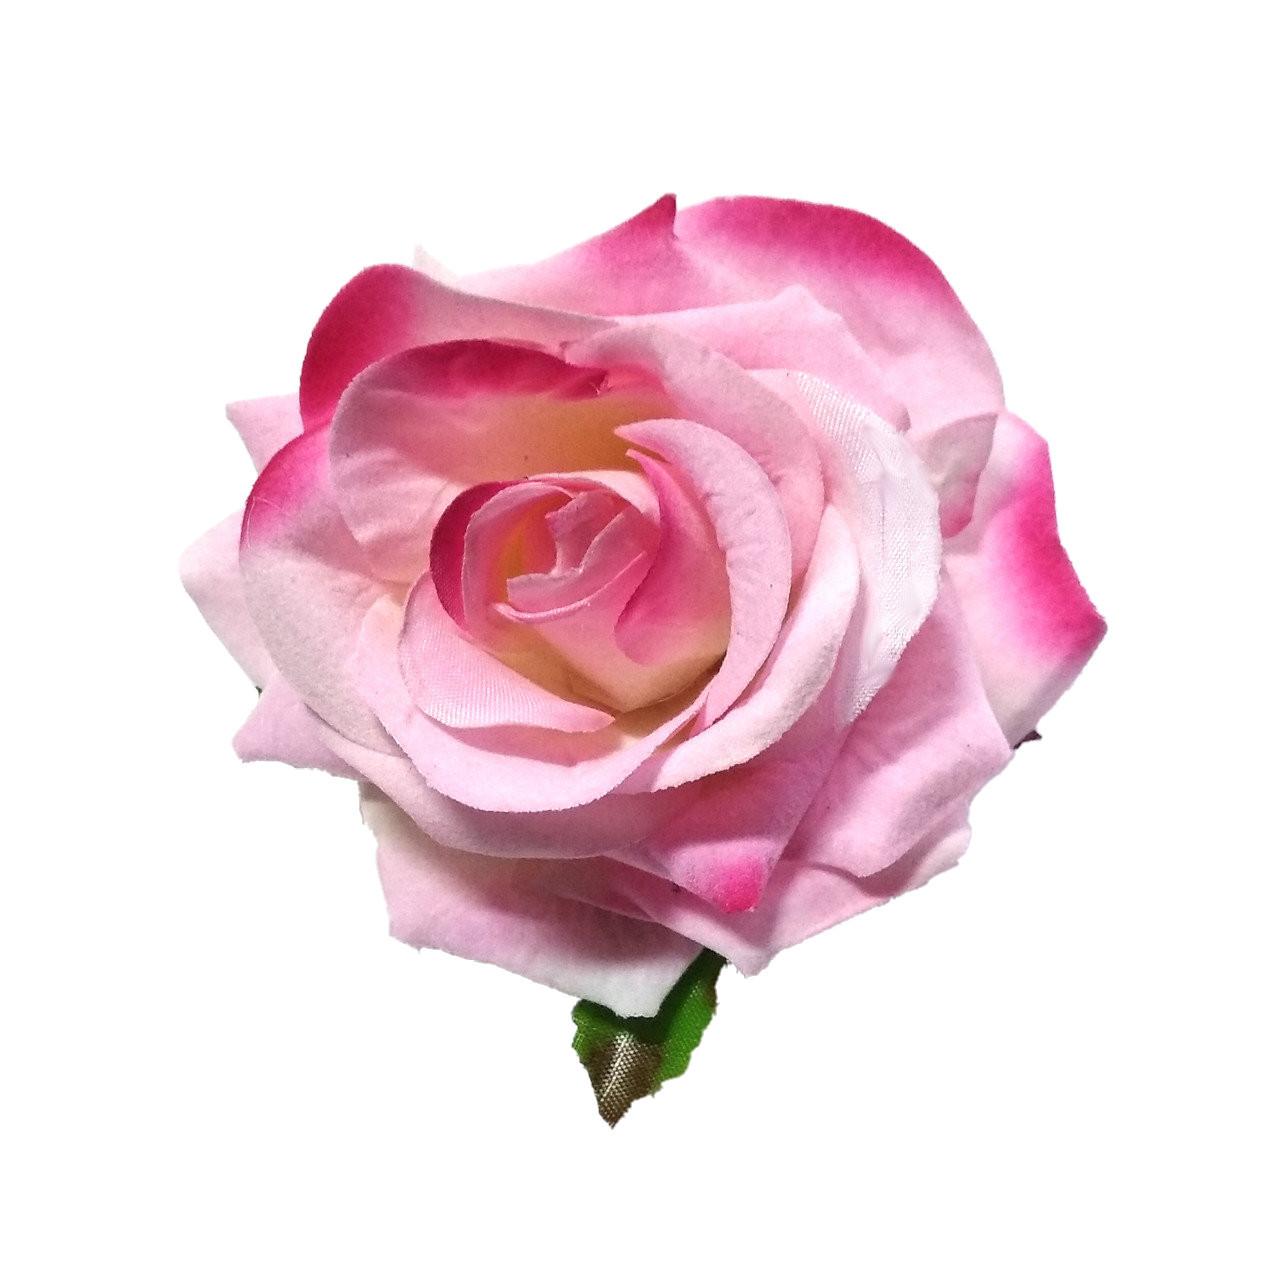 Головка розы раскрытая бархатная.  10см